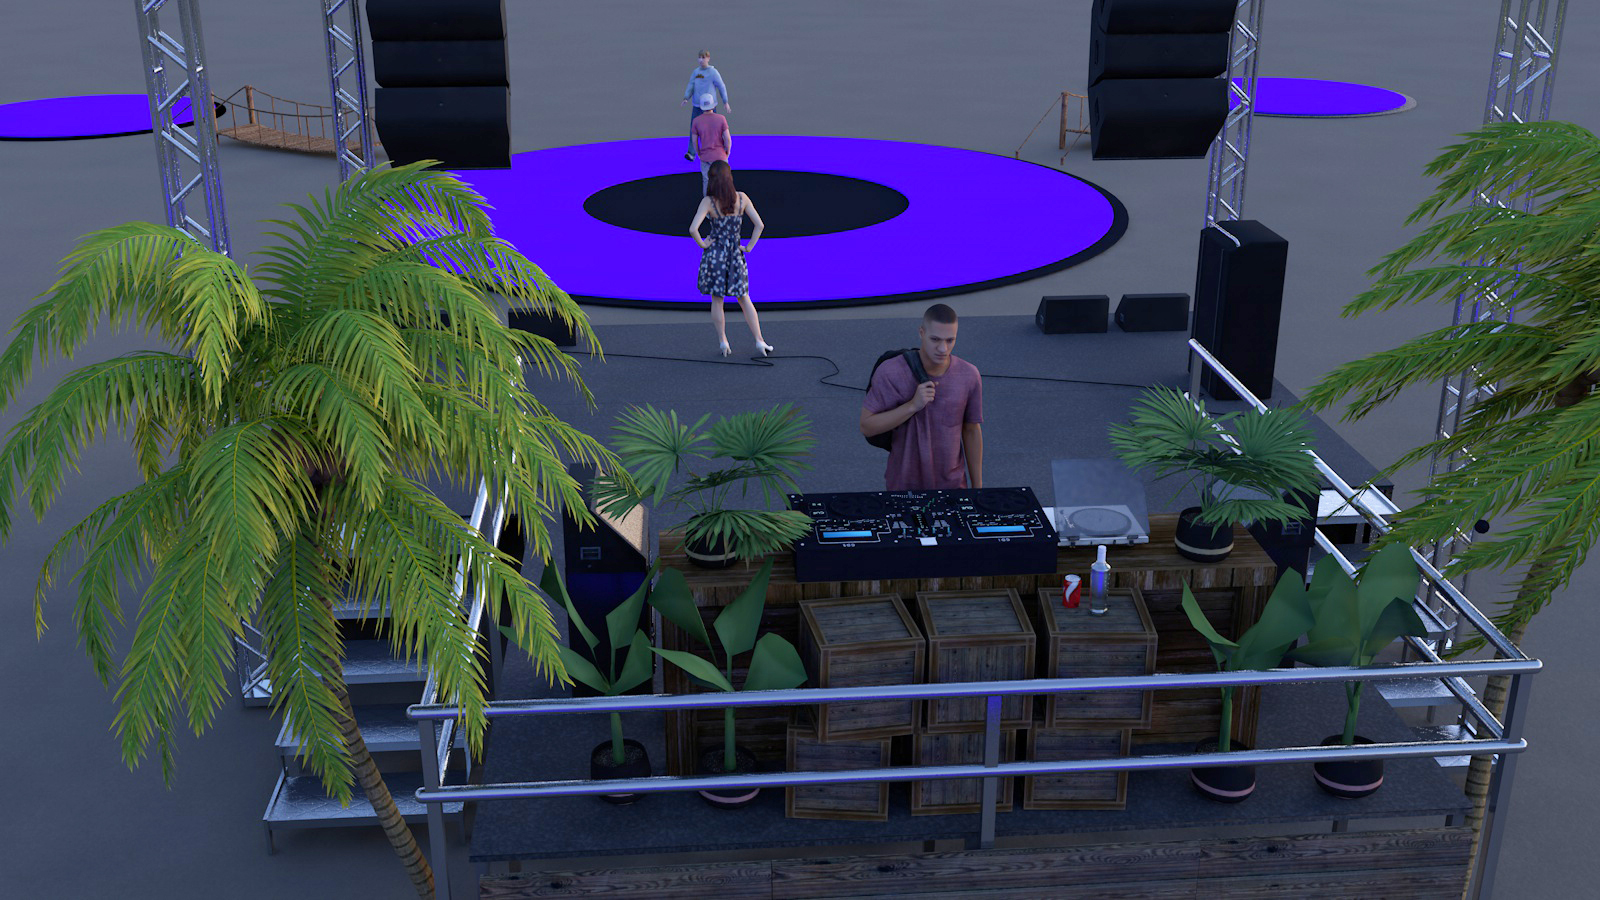 Stage+Dance Floor Render 2.jpg